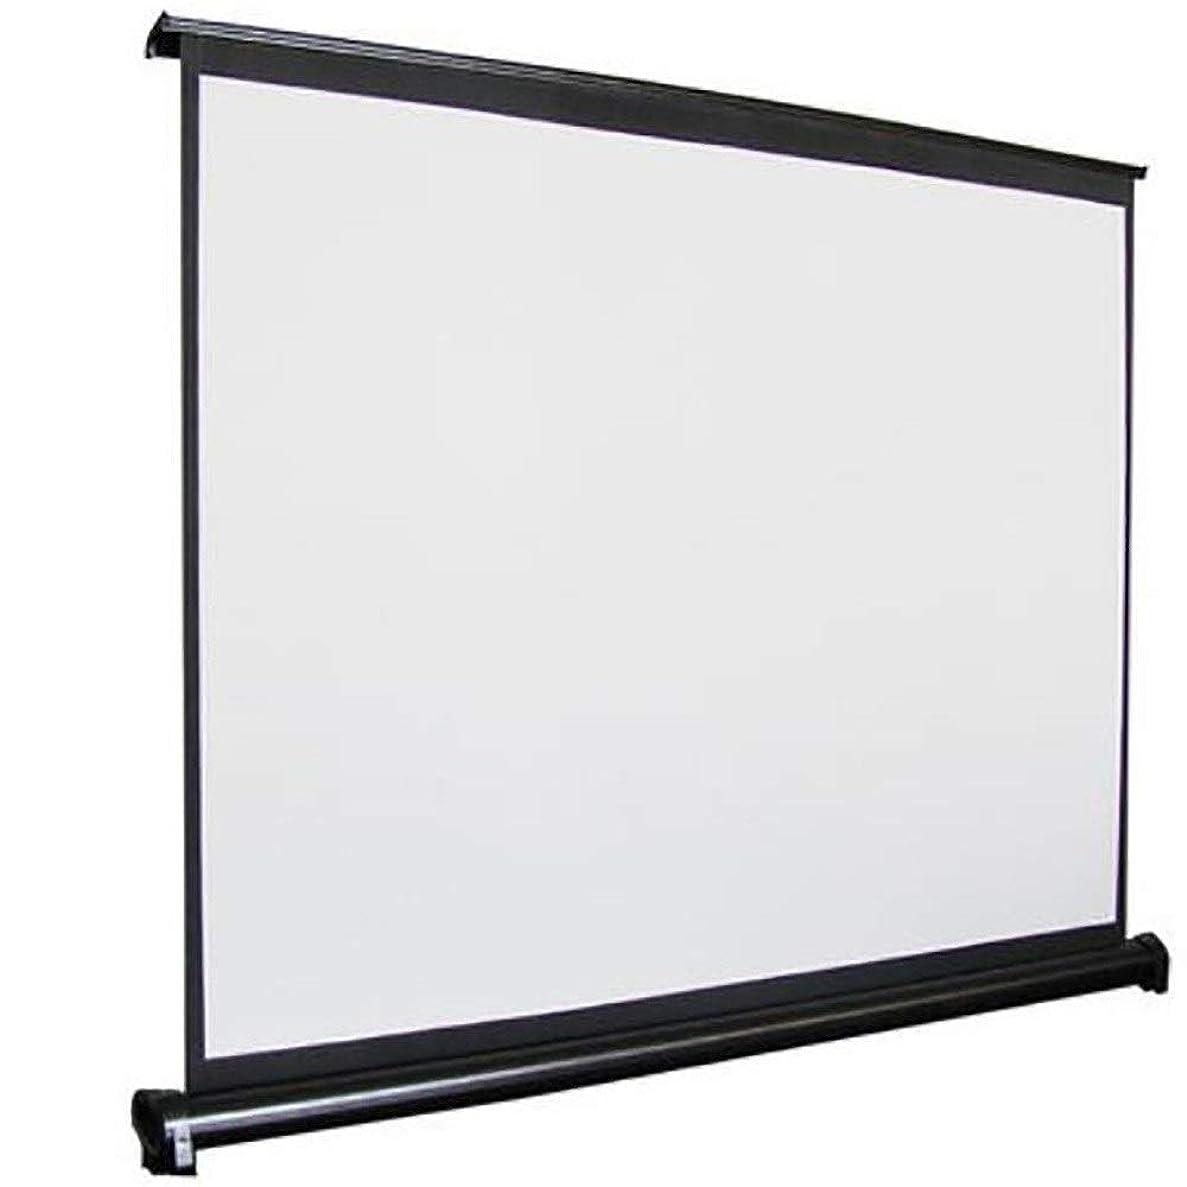 意外寛容なローズ投影スクリーン 50インチの16:9と4:3ポータブル高精細画面マイクロモバイルスクリーンプロジェクタースクリーン 軽量で実用的 (色 : 白, Size : 111X62cm)